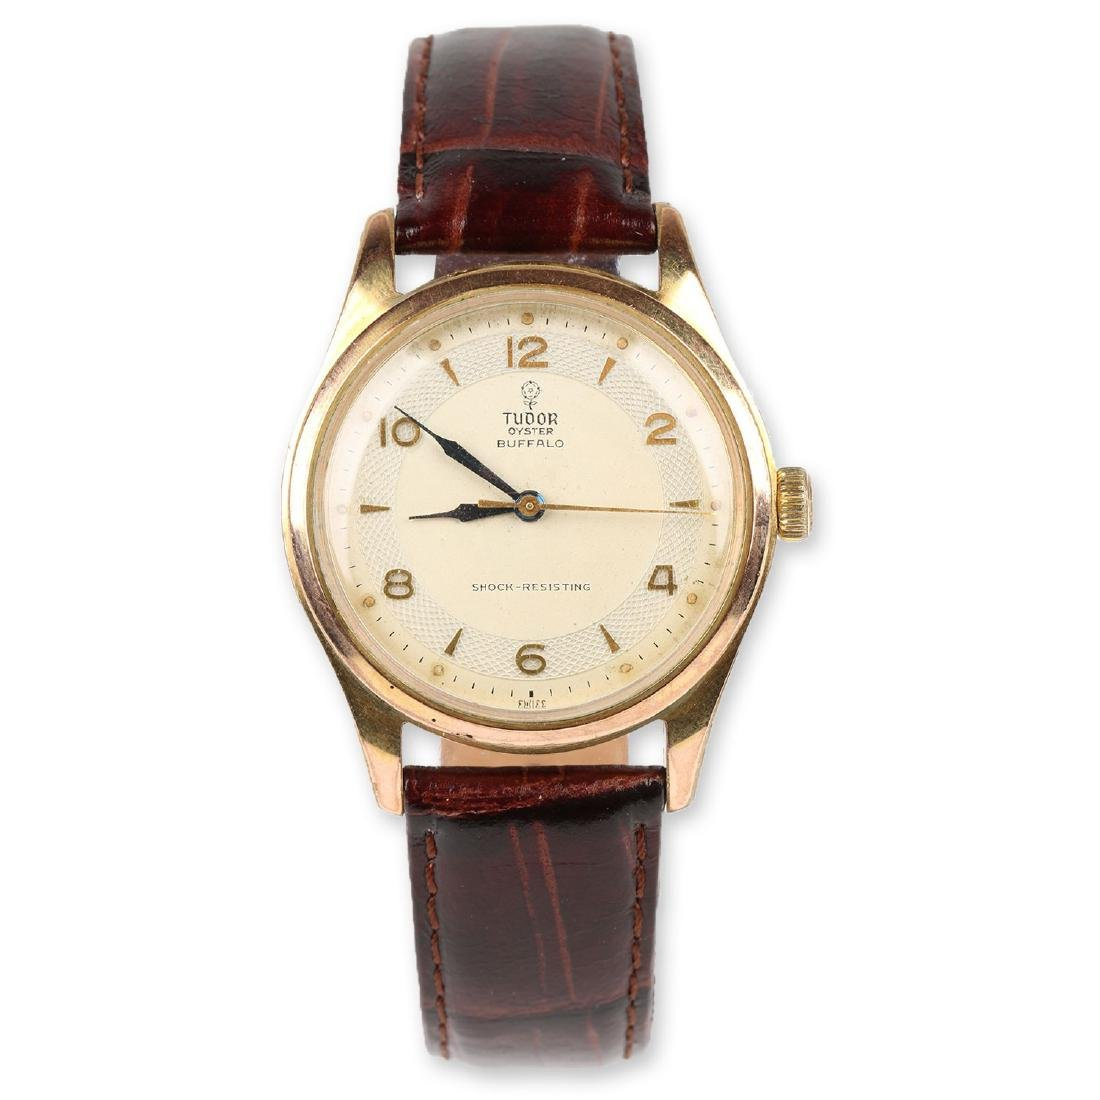 """Rolex Tudor Oyster """"Buffalo"""" Wristwatch"""